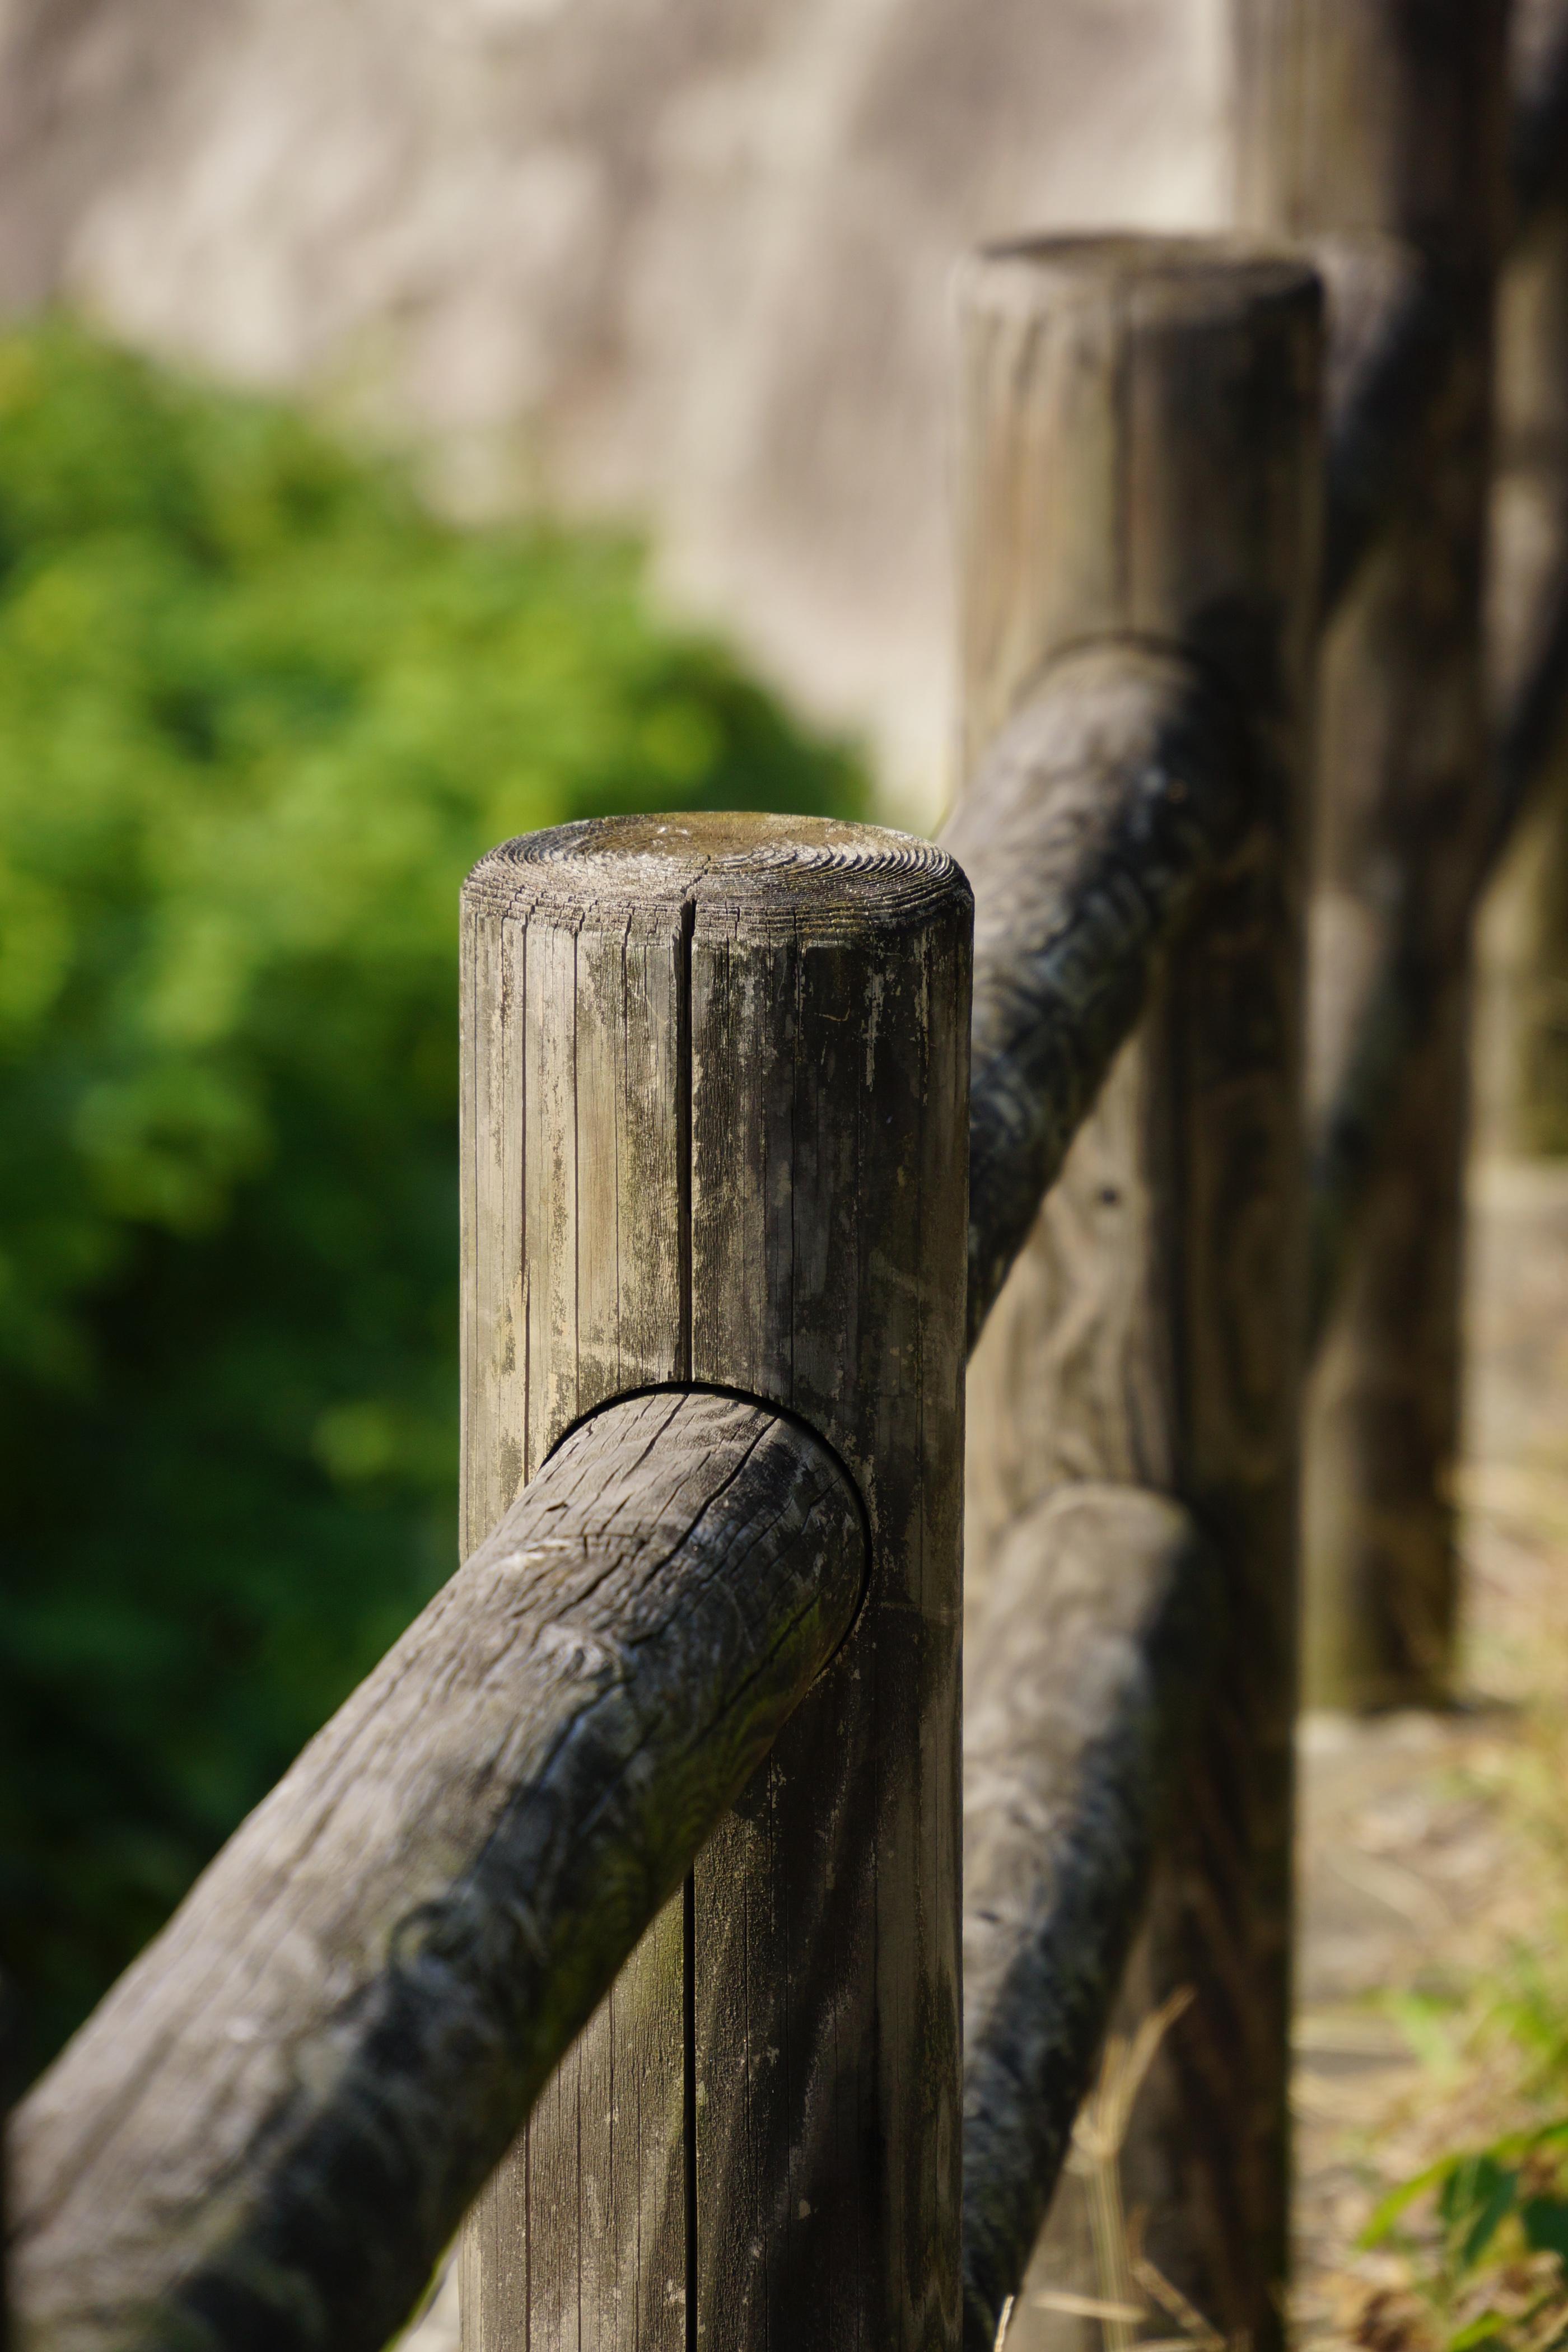 洲本城の見どころは?天守閣からの眺望が素晴らしい!アクセス情報もあり!